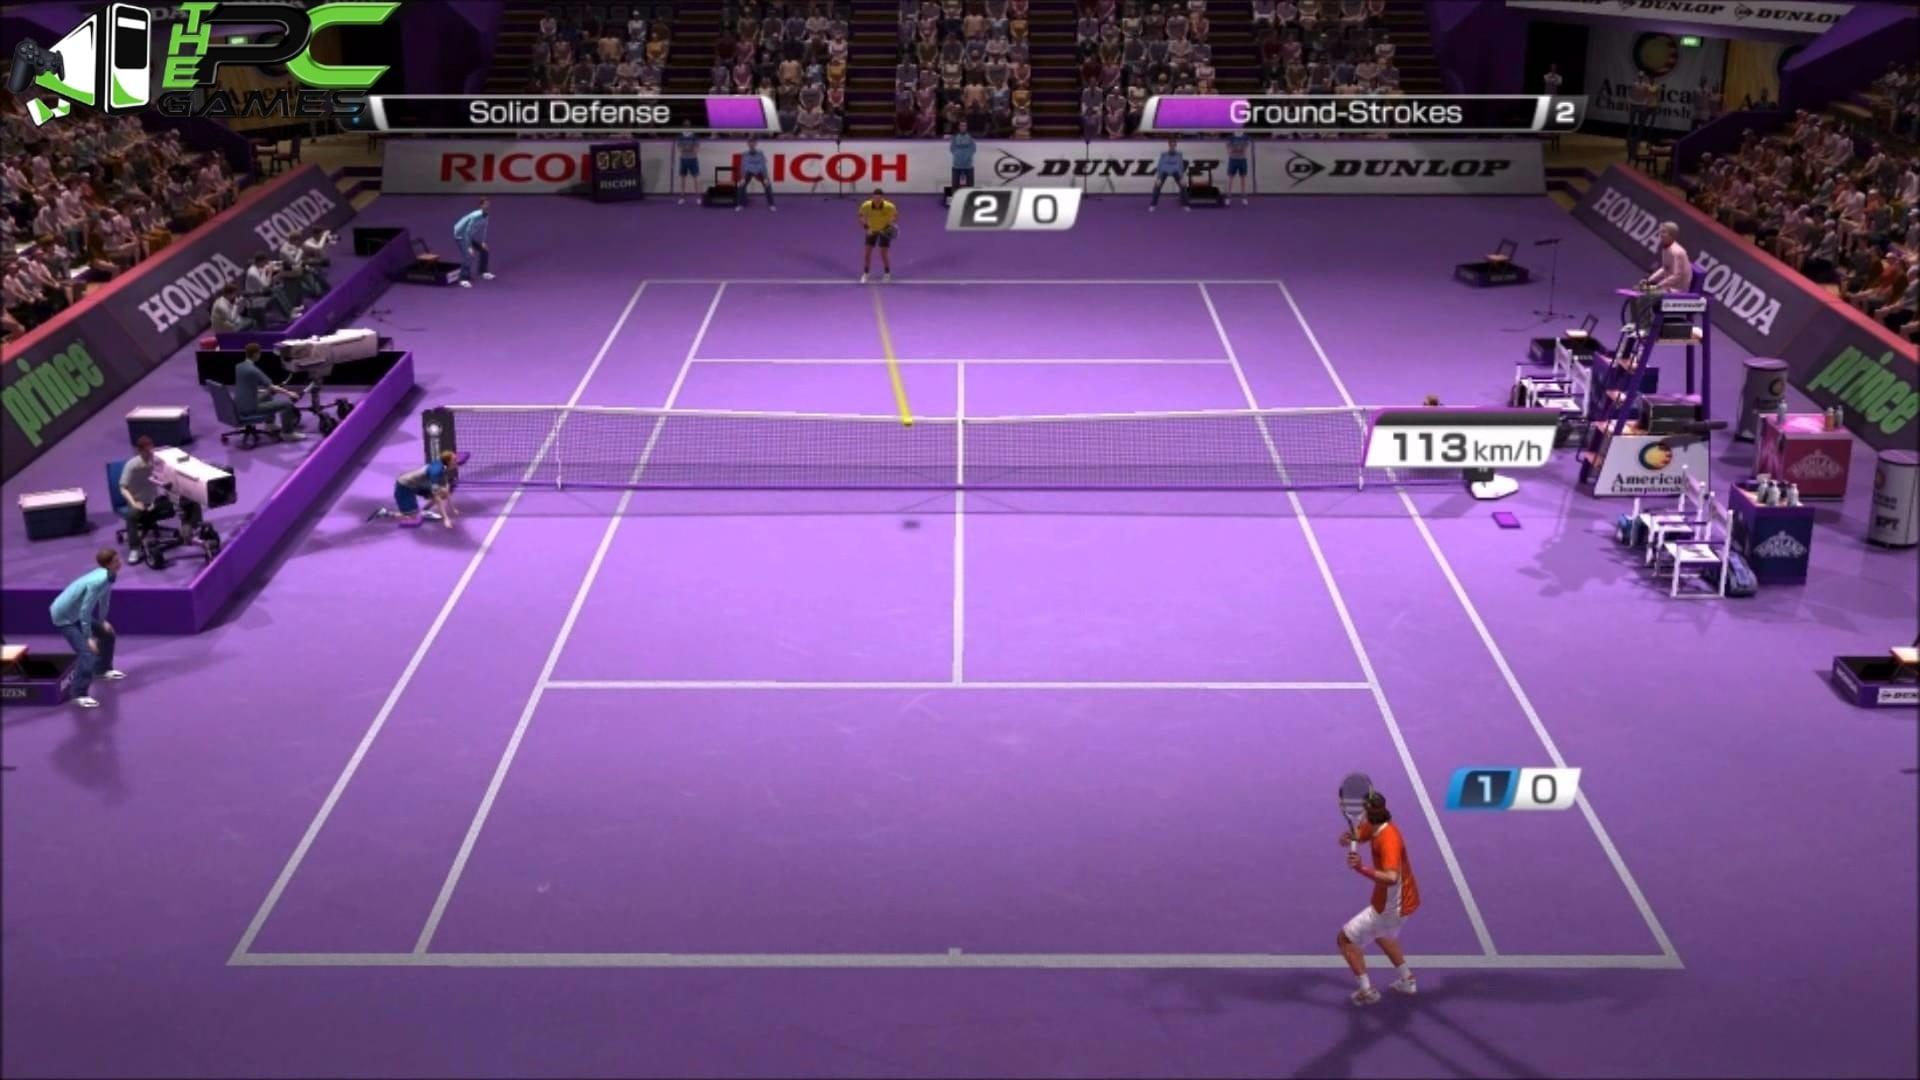 Virtua Tennis 4 Download Free Full Game - Free PC Games Den